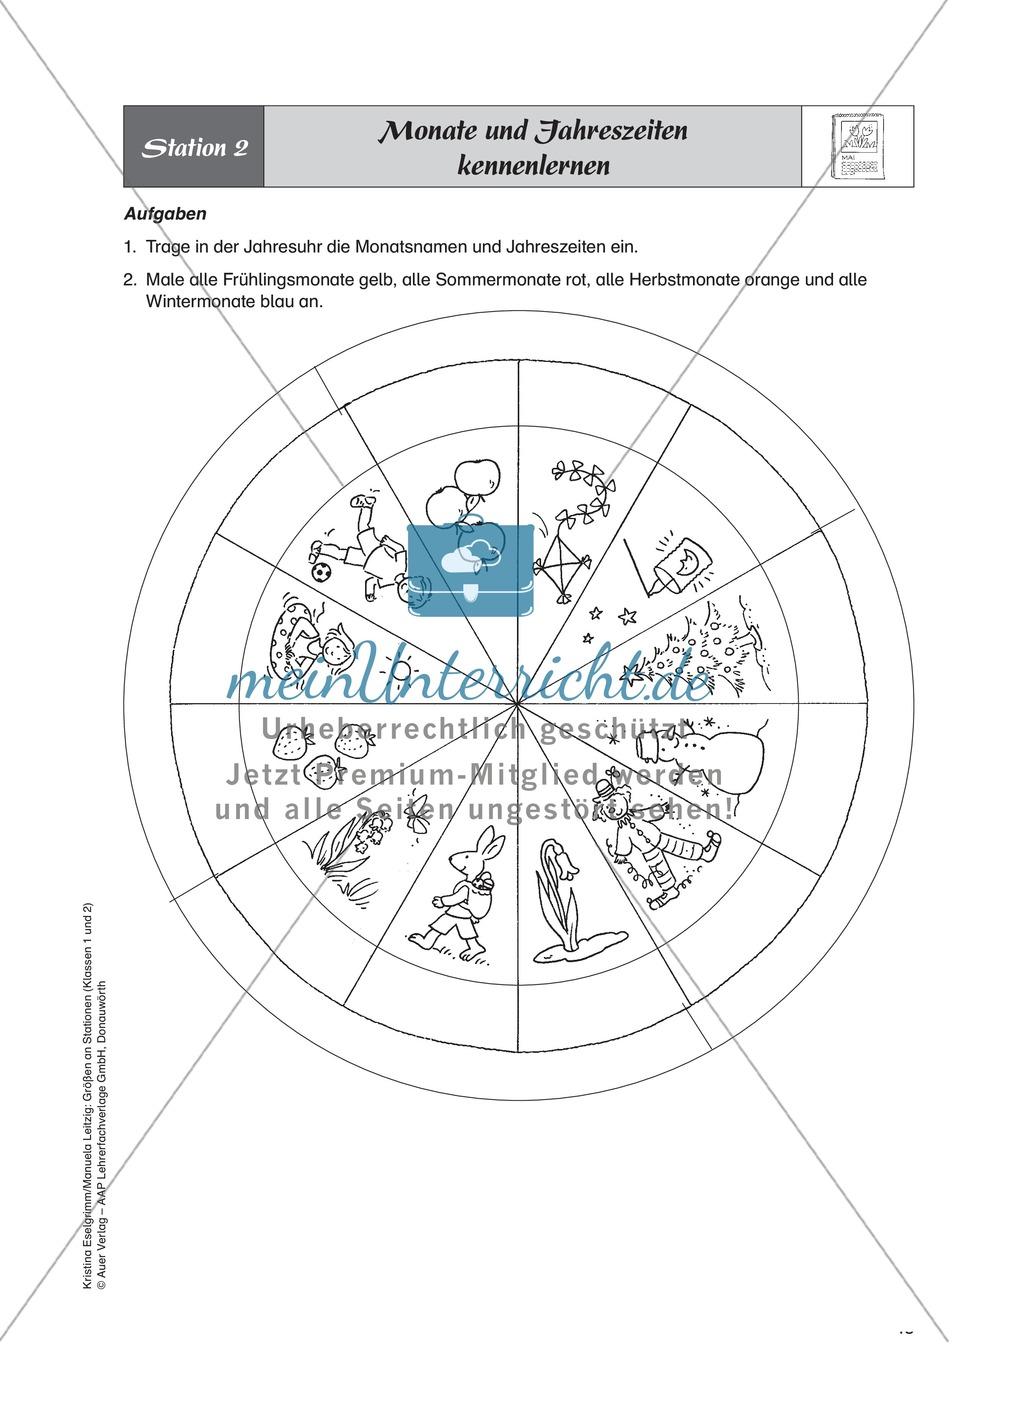 kennenlernen 2 monate origineller text für partnersuche